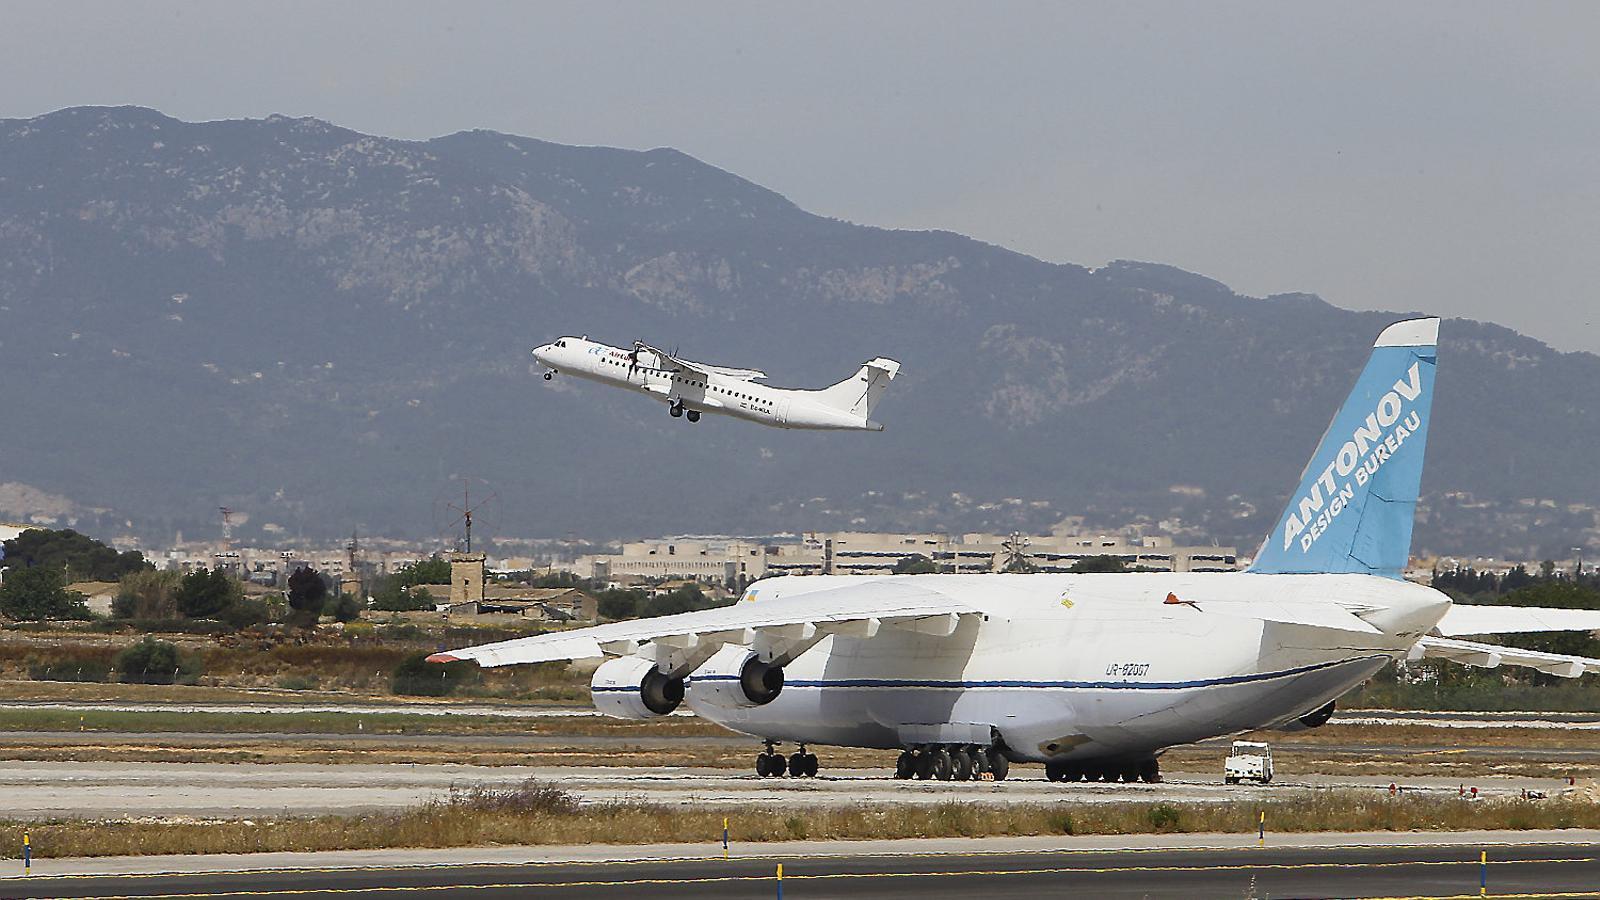 La connectivitat de l'aeroport de Palma s'ha ressentit per la desaparició d'Air Berlin.